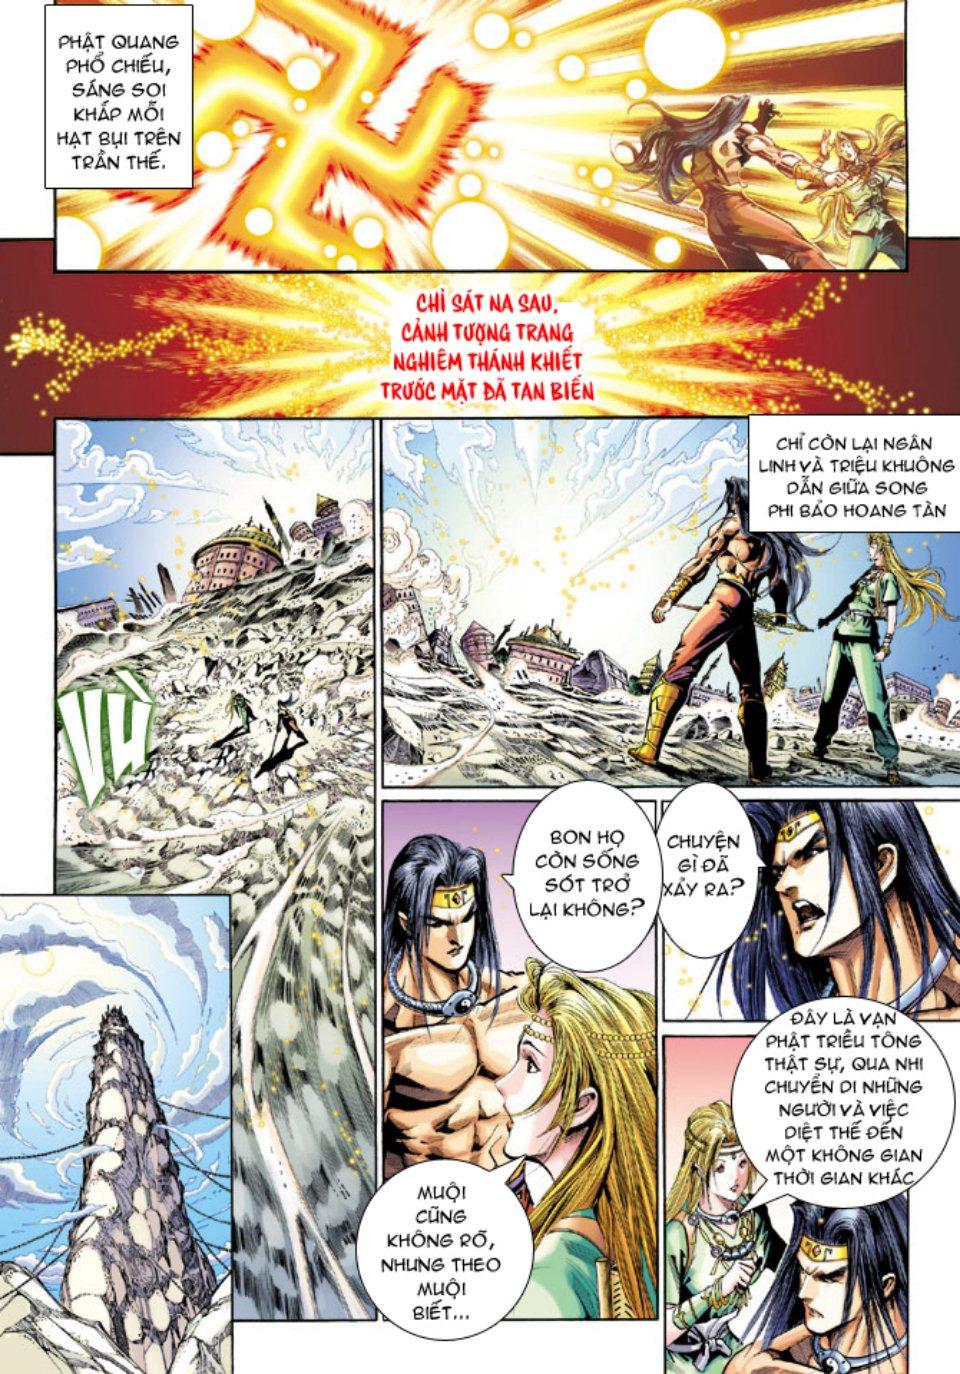 Thiên Tử Truyền Kỳ 5 – Như Lai Thần Chưởng chap 214 – End Trang 19 - Mangak.info